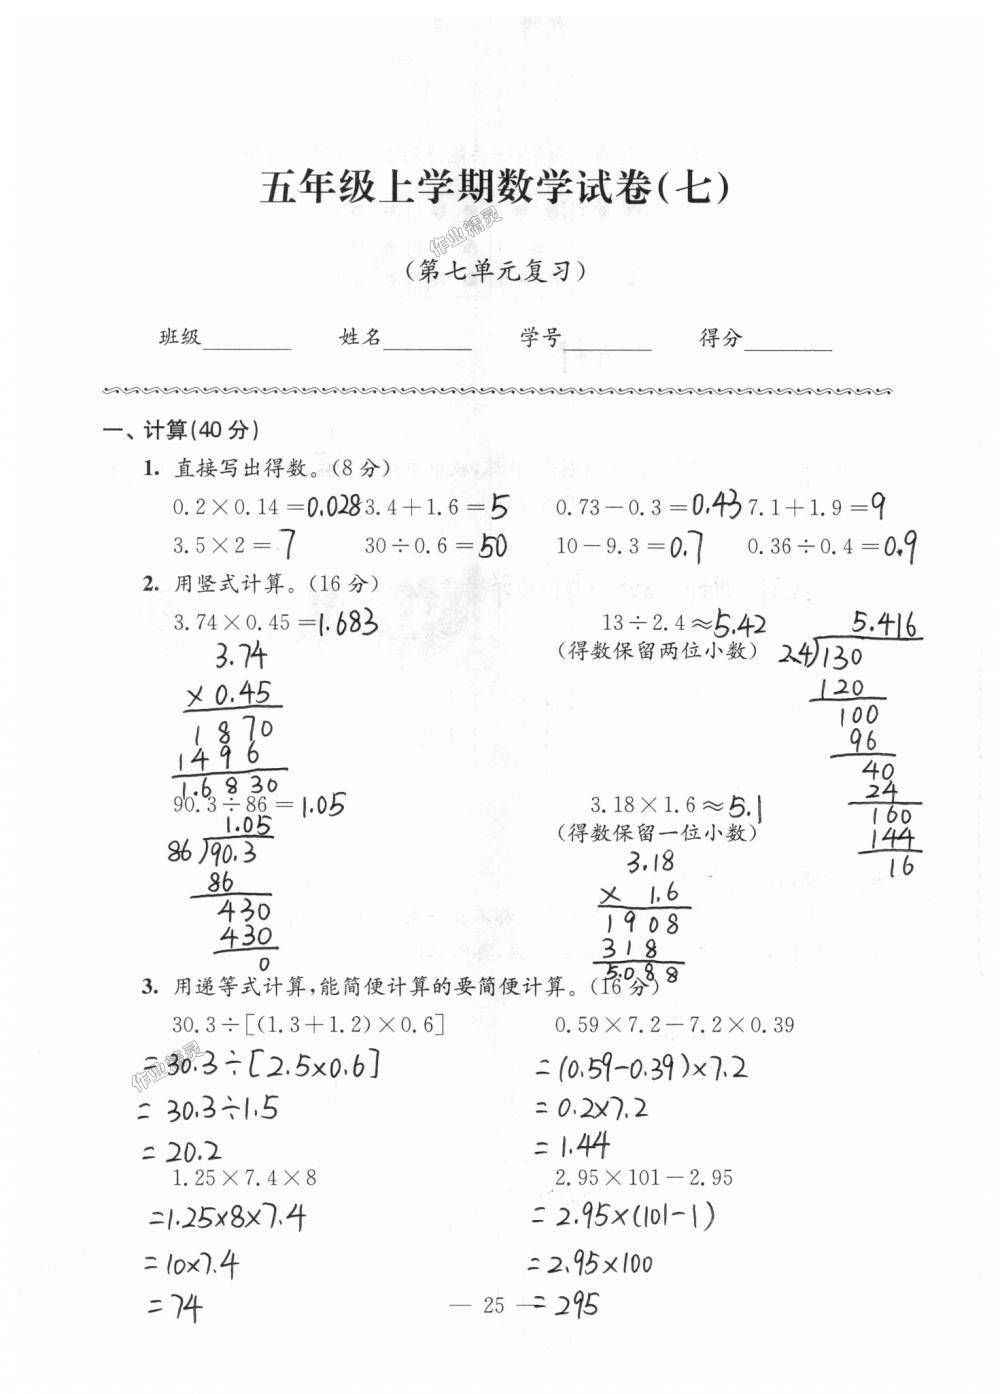 2018年练习与测试检测卷五年级数学上册苏教版第25页